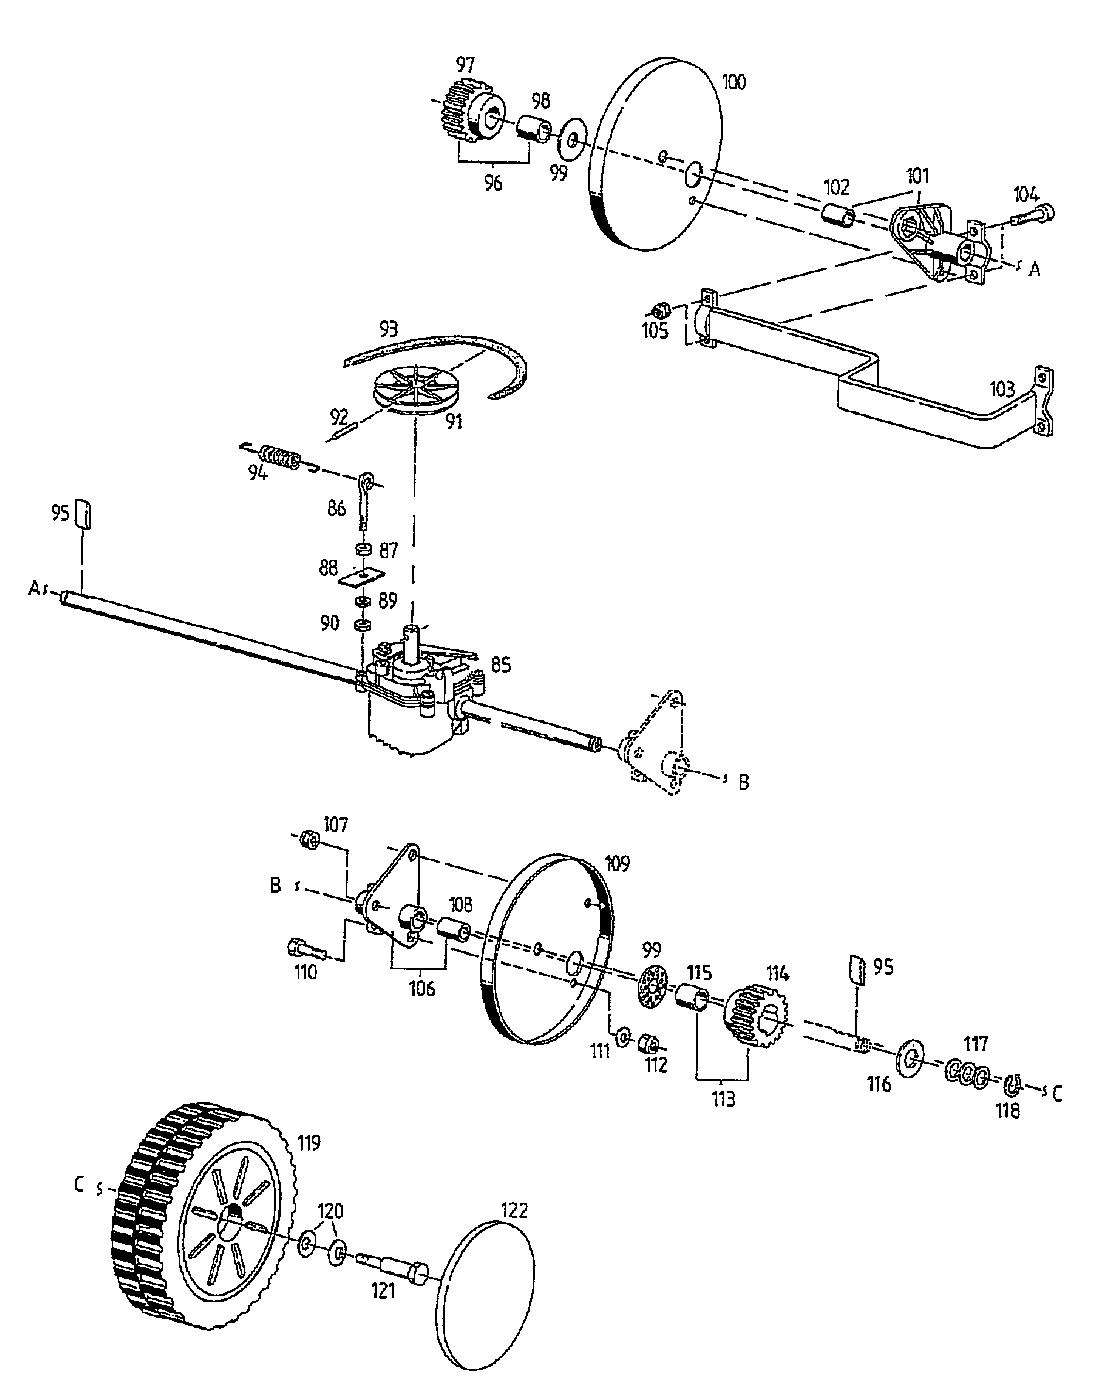 Getriebe Rader 02815 05 1997 Hb 48 Rel Motormaher Mit Antrieb Gutbrod